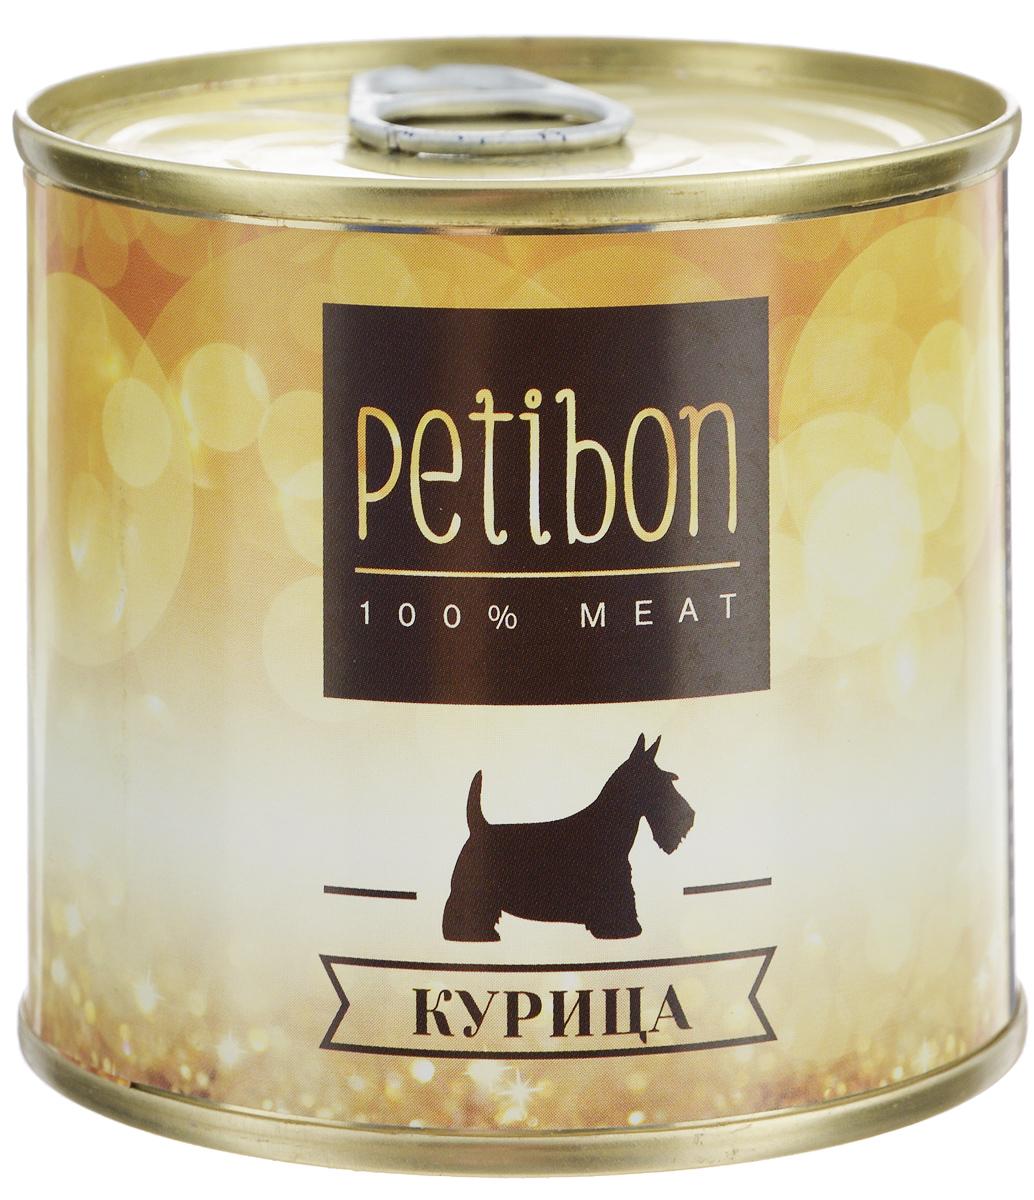 Консервы для собак Petibon, с курицей, 240 г315141003Petibon - влажный мясной корм для собак. Использование монобелкового комплексного сырья значительно расширяет аминокислотный состав продукта. Использование корма рекомендовано для собак, нуждающихся в диете или определённом виде мяса.Товар сертифицирован.